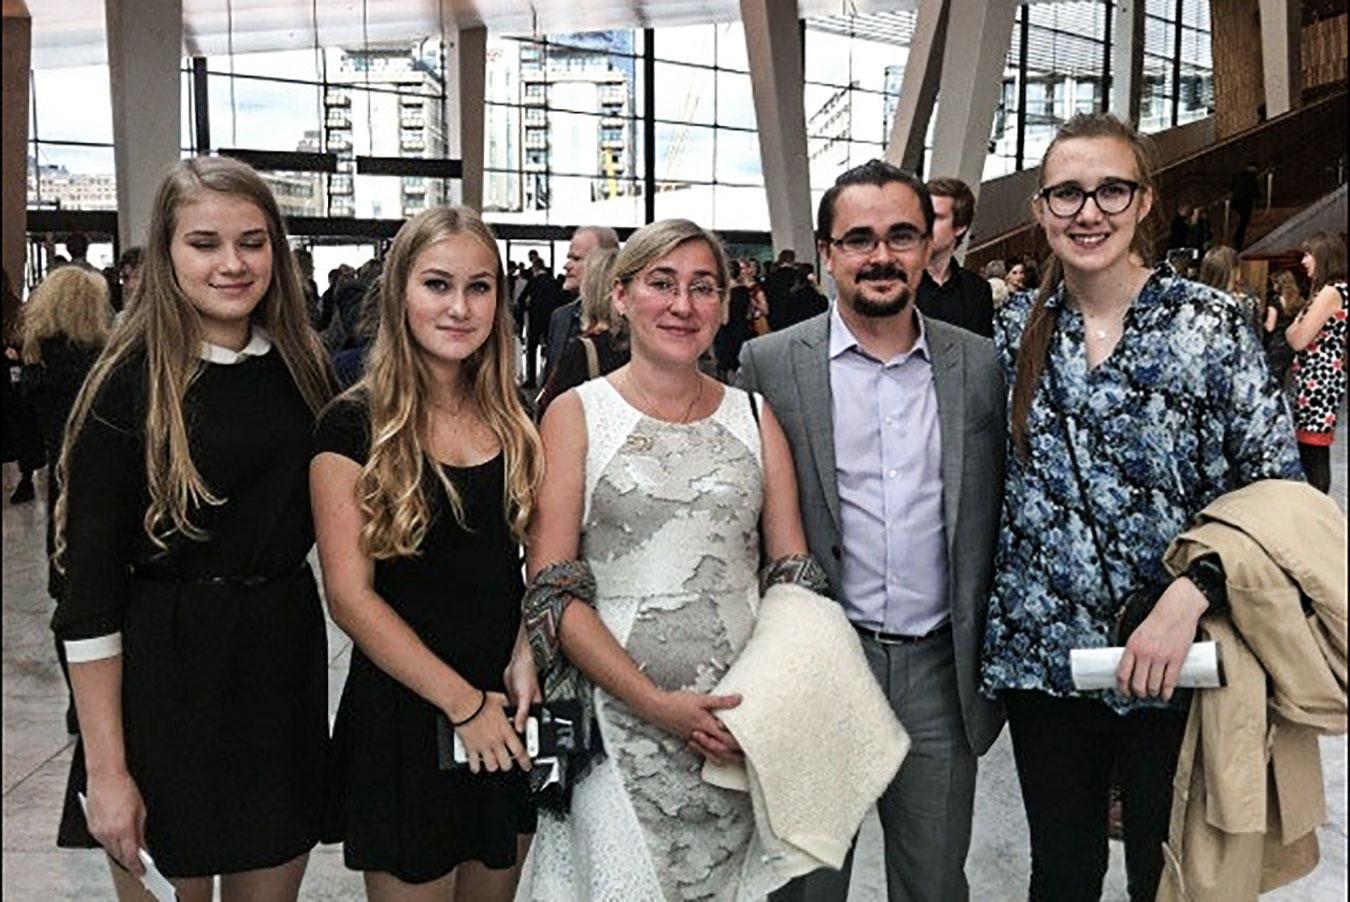 A nagykövet családja az Oslói Operaházban: fia, Tor Jan édesanyja, lánytestvérei és jegyese, Ingvild ölelésében (Privát fotó)